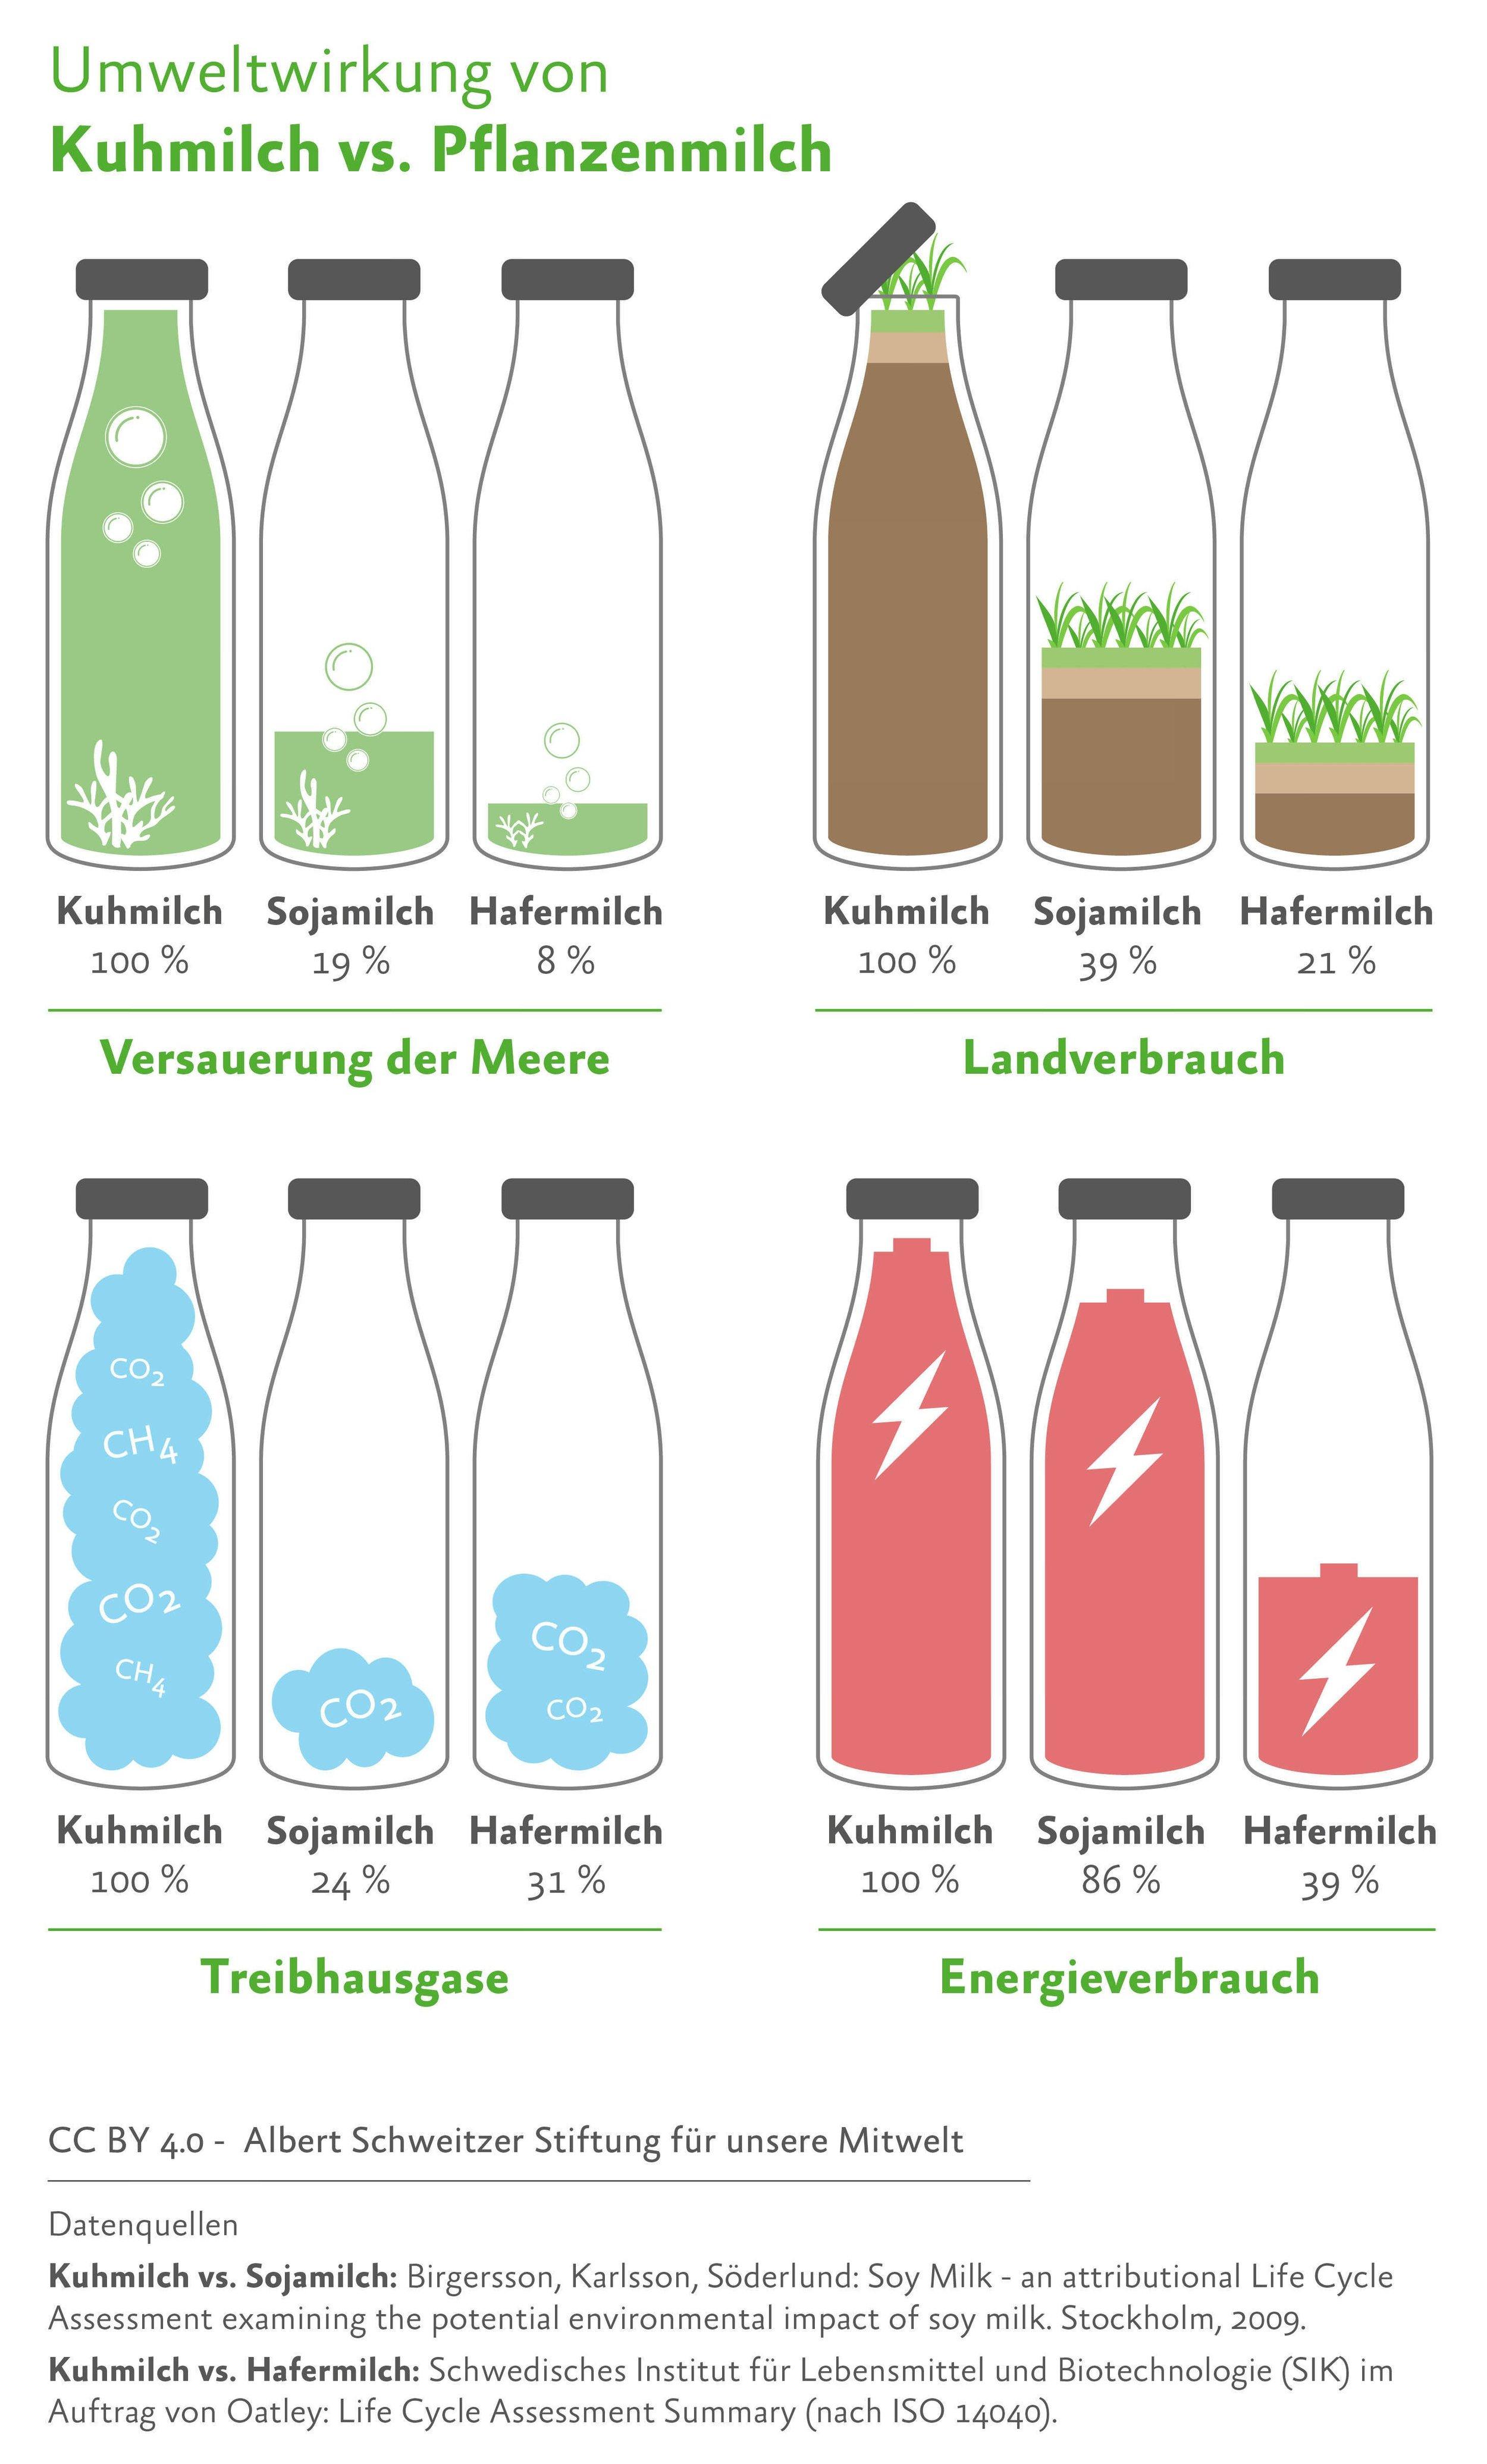 Quelle: https://albert-schweitzer-stiftung.de/aktuell/oekobilanz-pflanzenmilch?utm_source=nl18-11-12&utm_medium=email&utm_campaign=w-nl